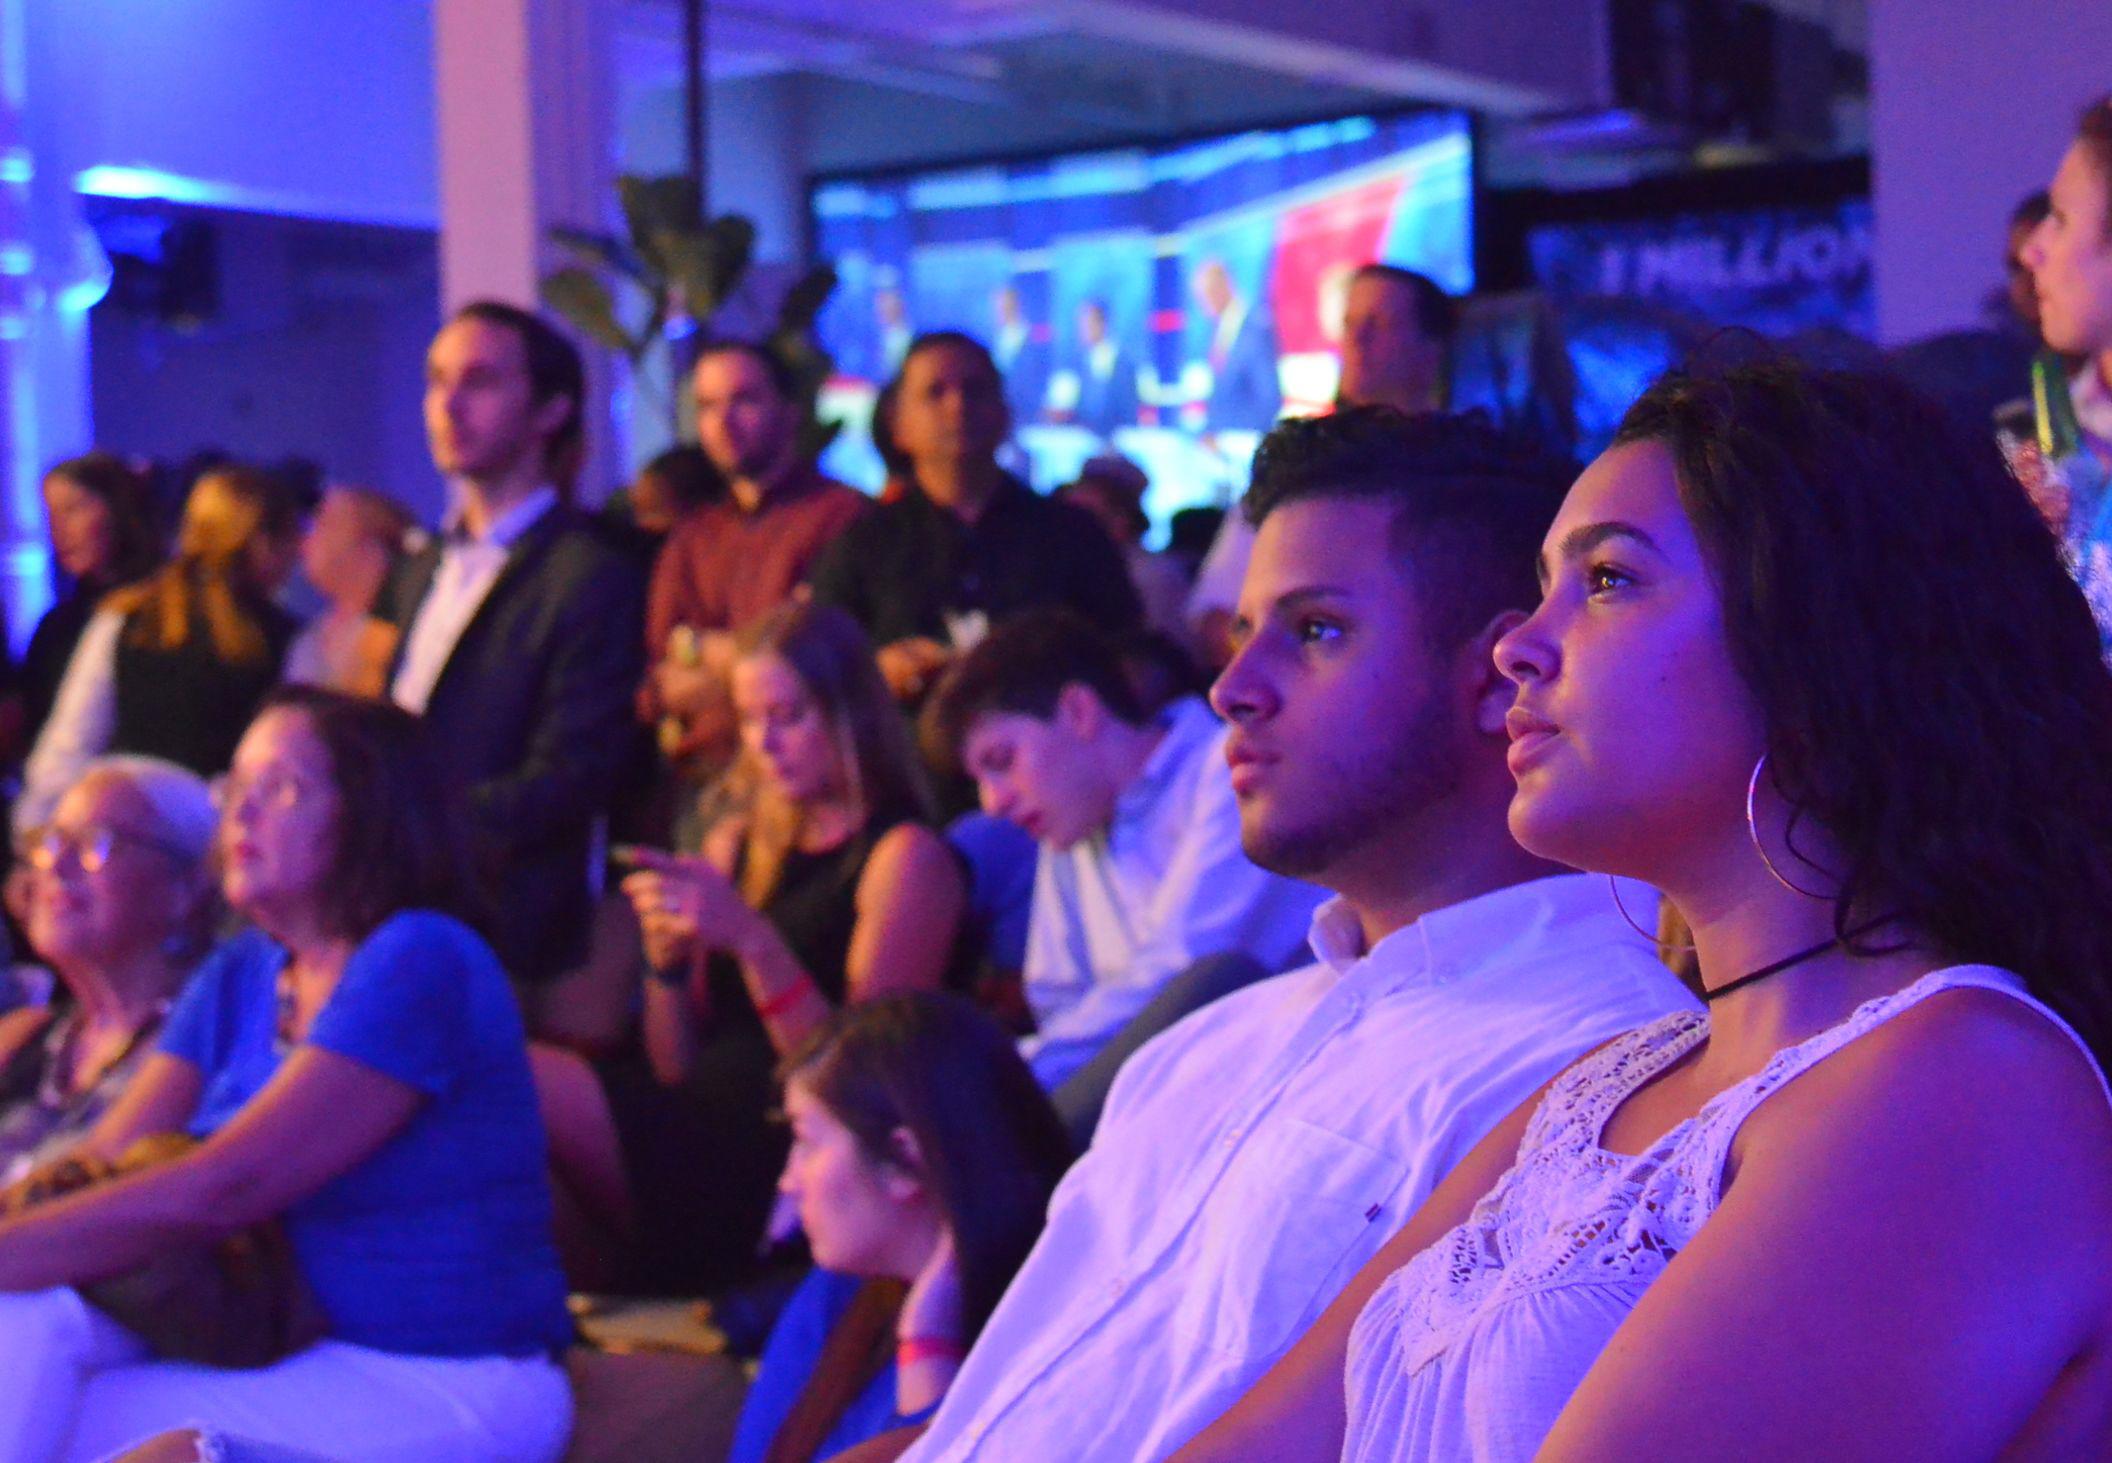 政治とメディアの「金属疲労」 テレビ討論に限界